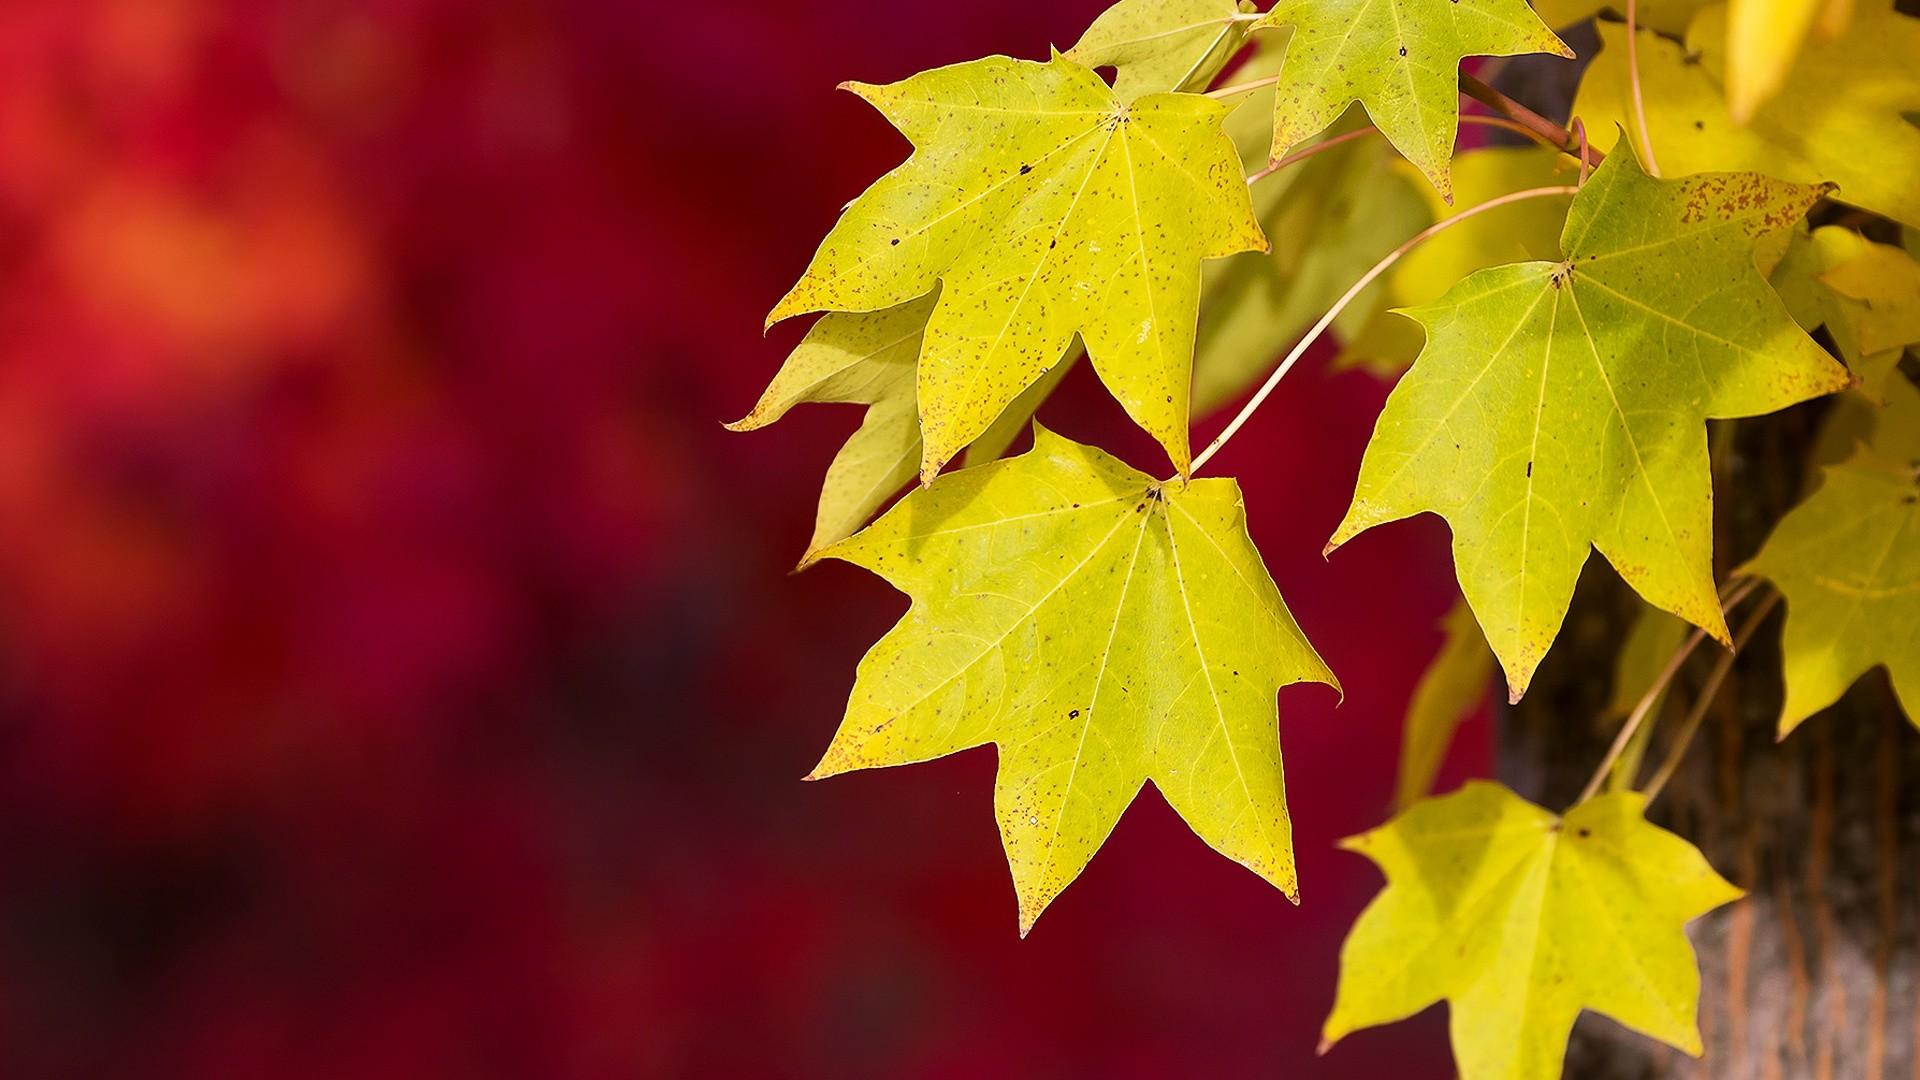 Yellow Birch Autumn HD Desktop Wallpaper for K Ultra HD TV